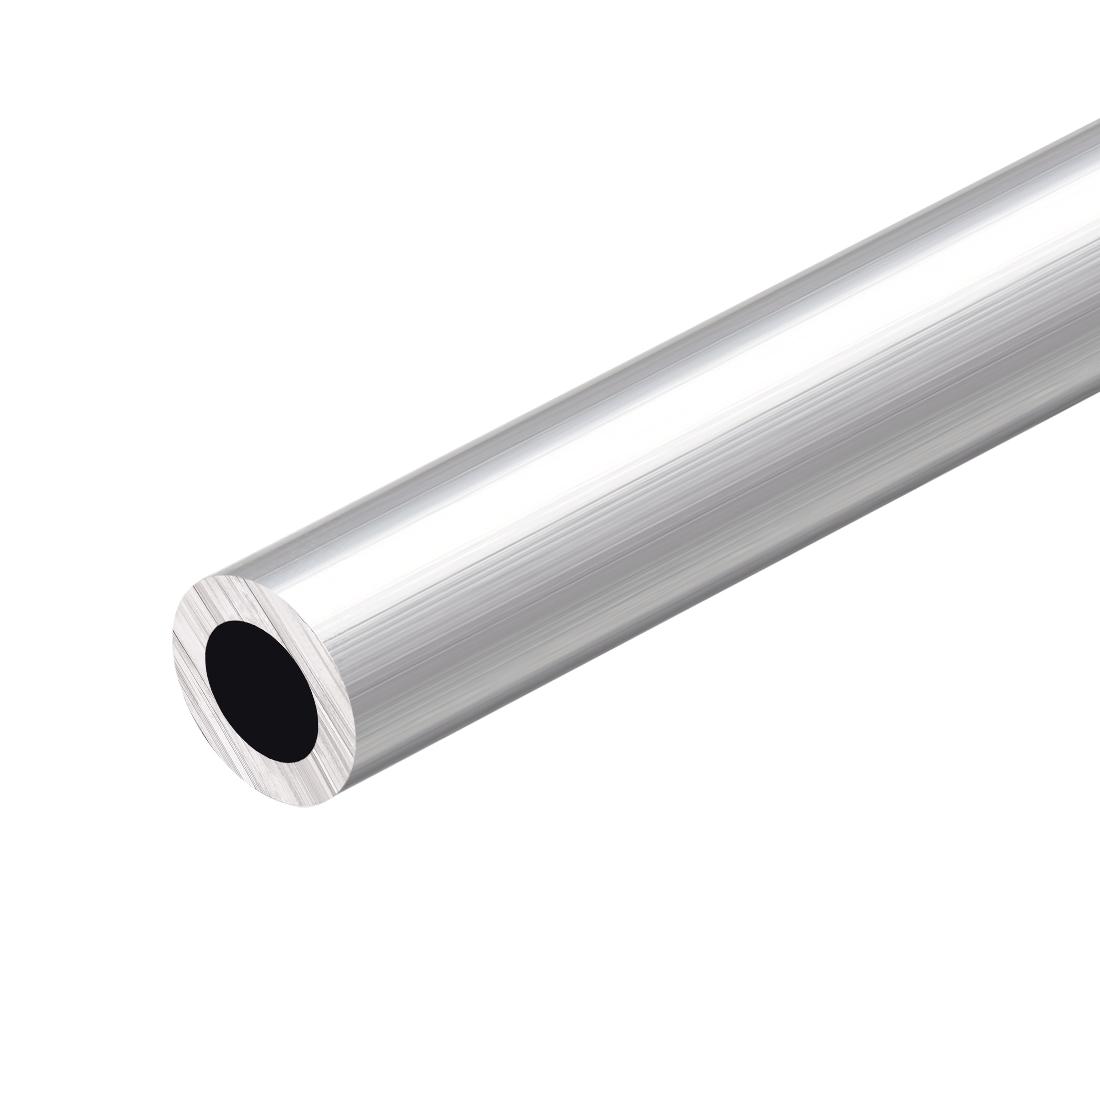 6063 Aluminum Round Tube 300mm Length 20mm OD 12mm Inner Dia Seamless Tubing